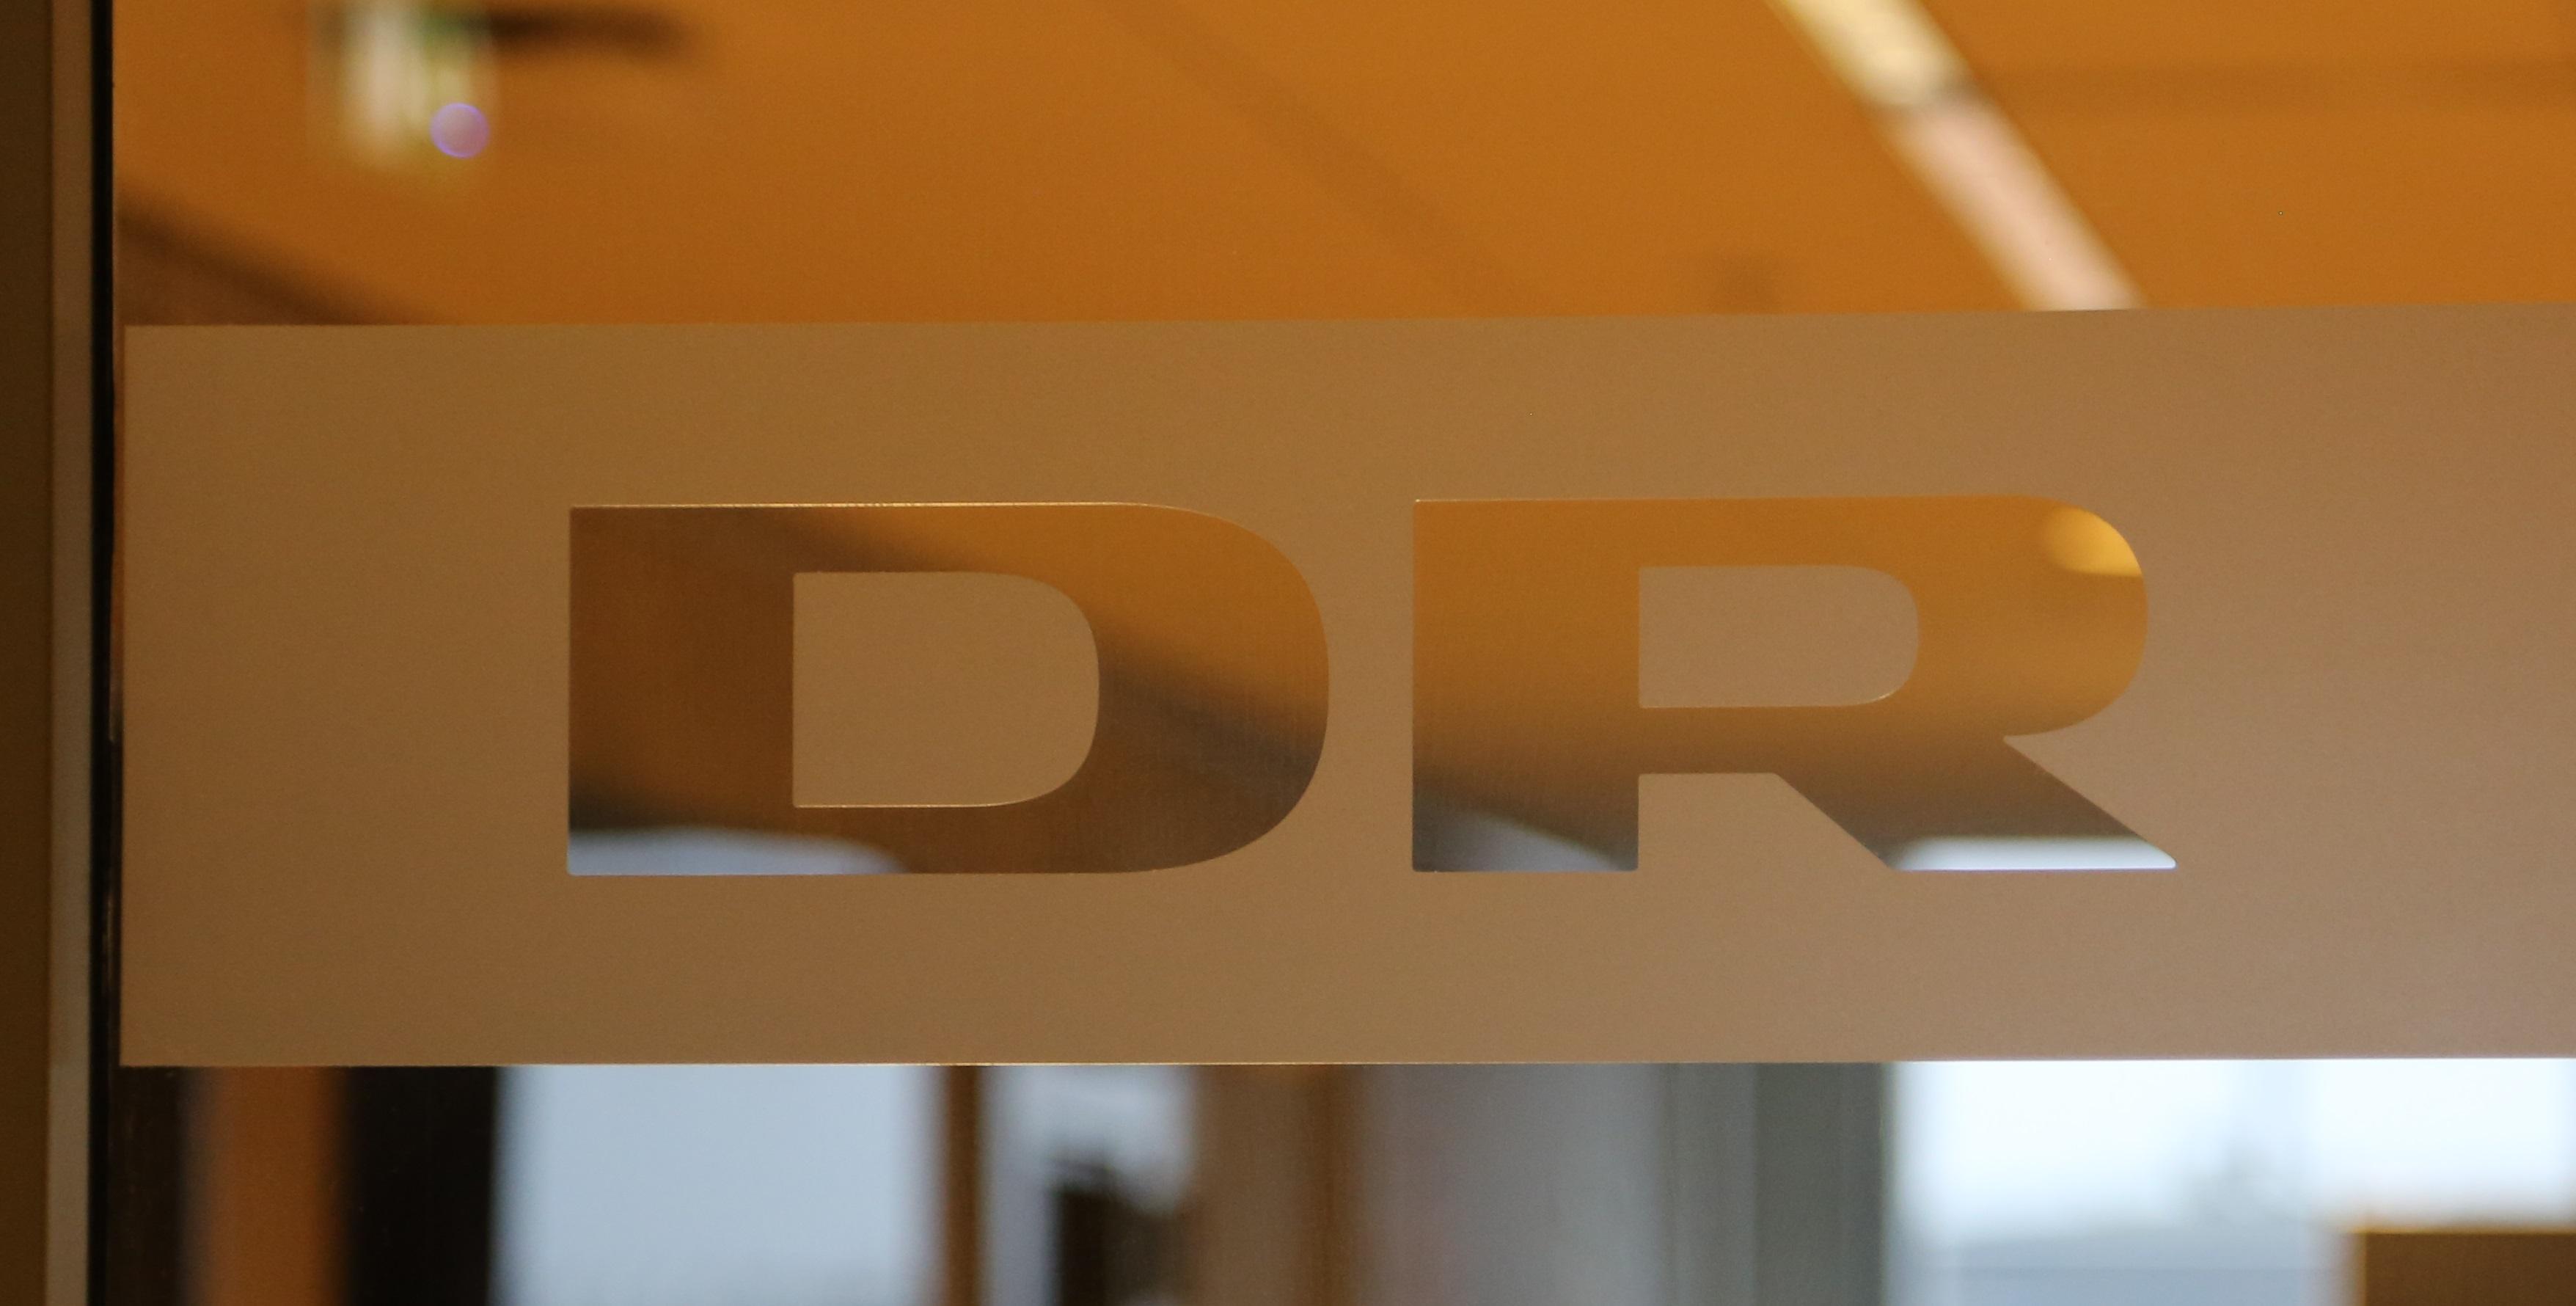 dr_logo_vindue_dr_redigeret.jpg